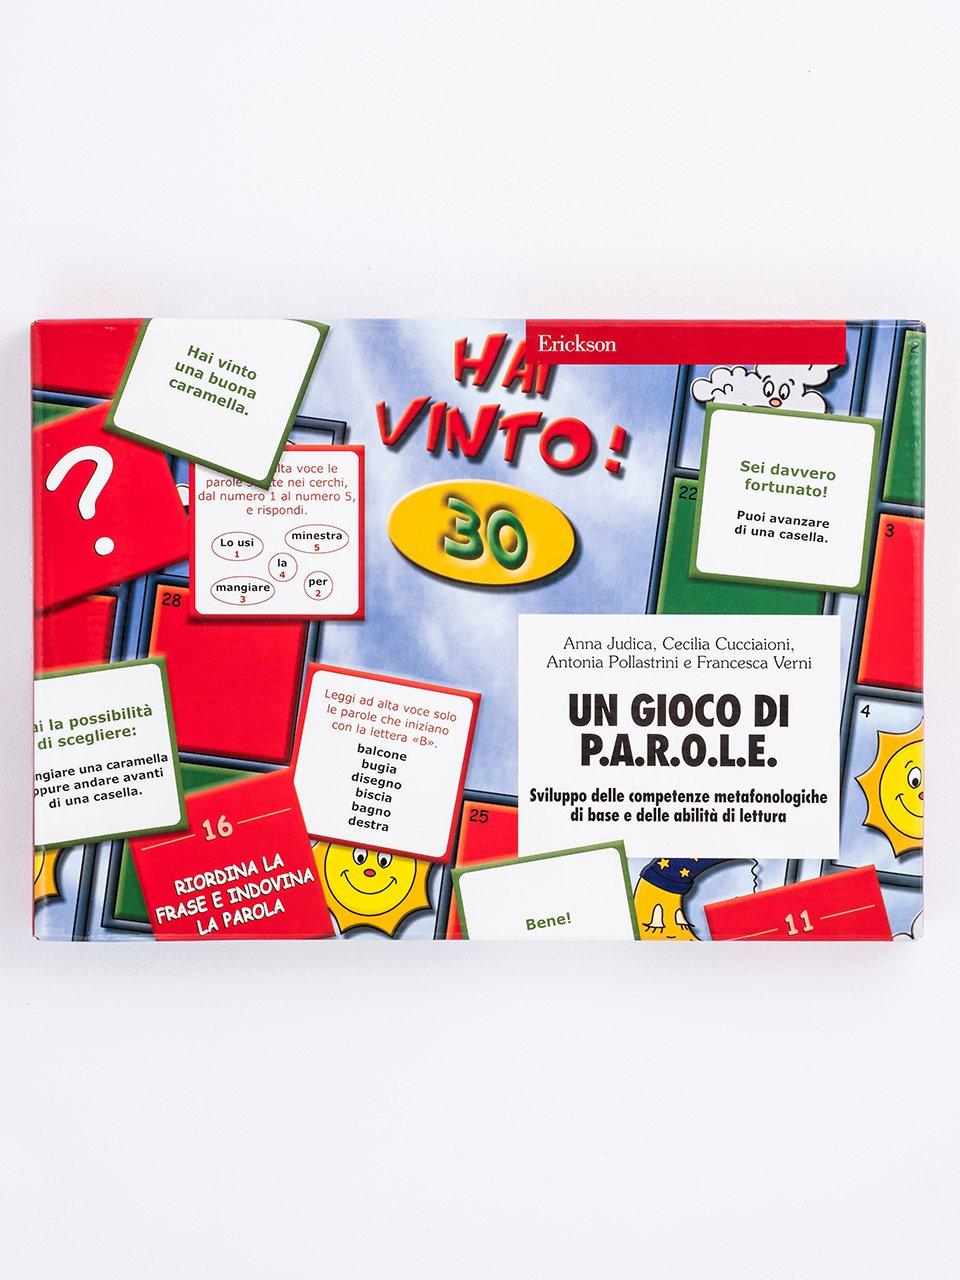 Un gioco di P.A.R.O.L.E. - Sillabe in gioco - Giochi - Erickson